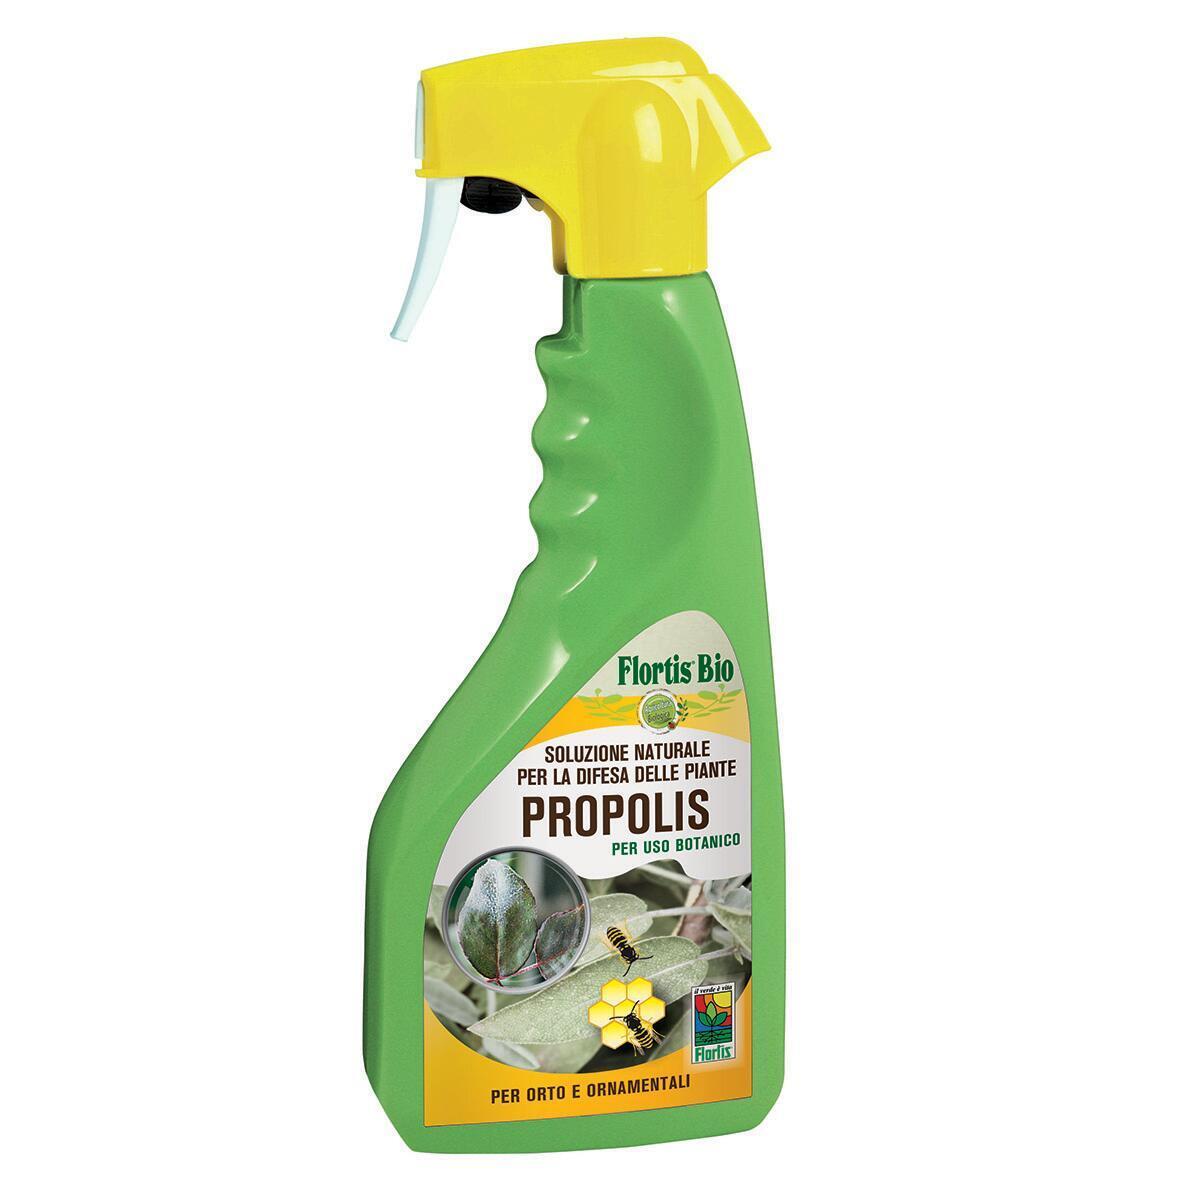 Repellente FLORTIS propoli 500 ml - 1